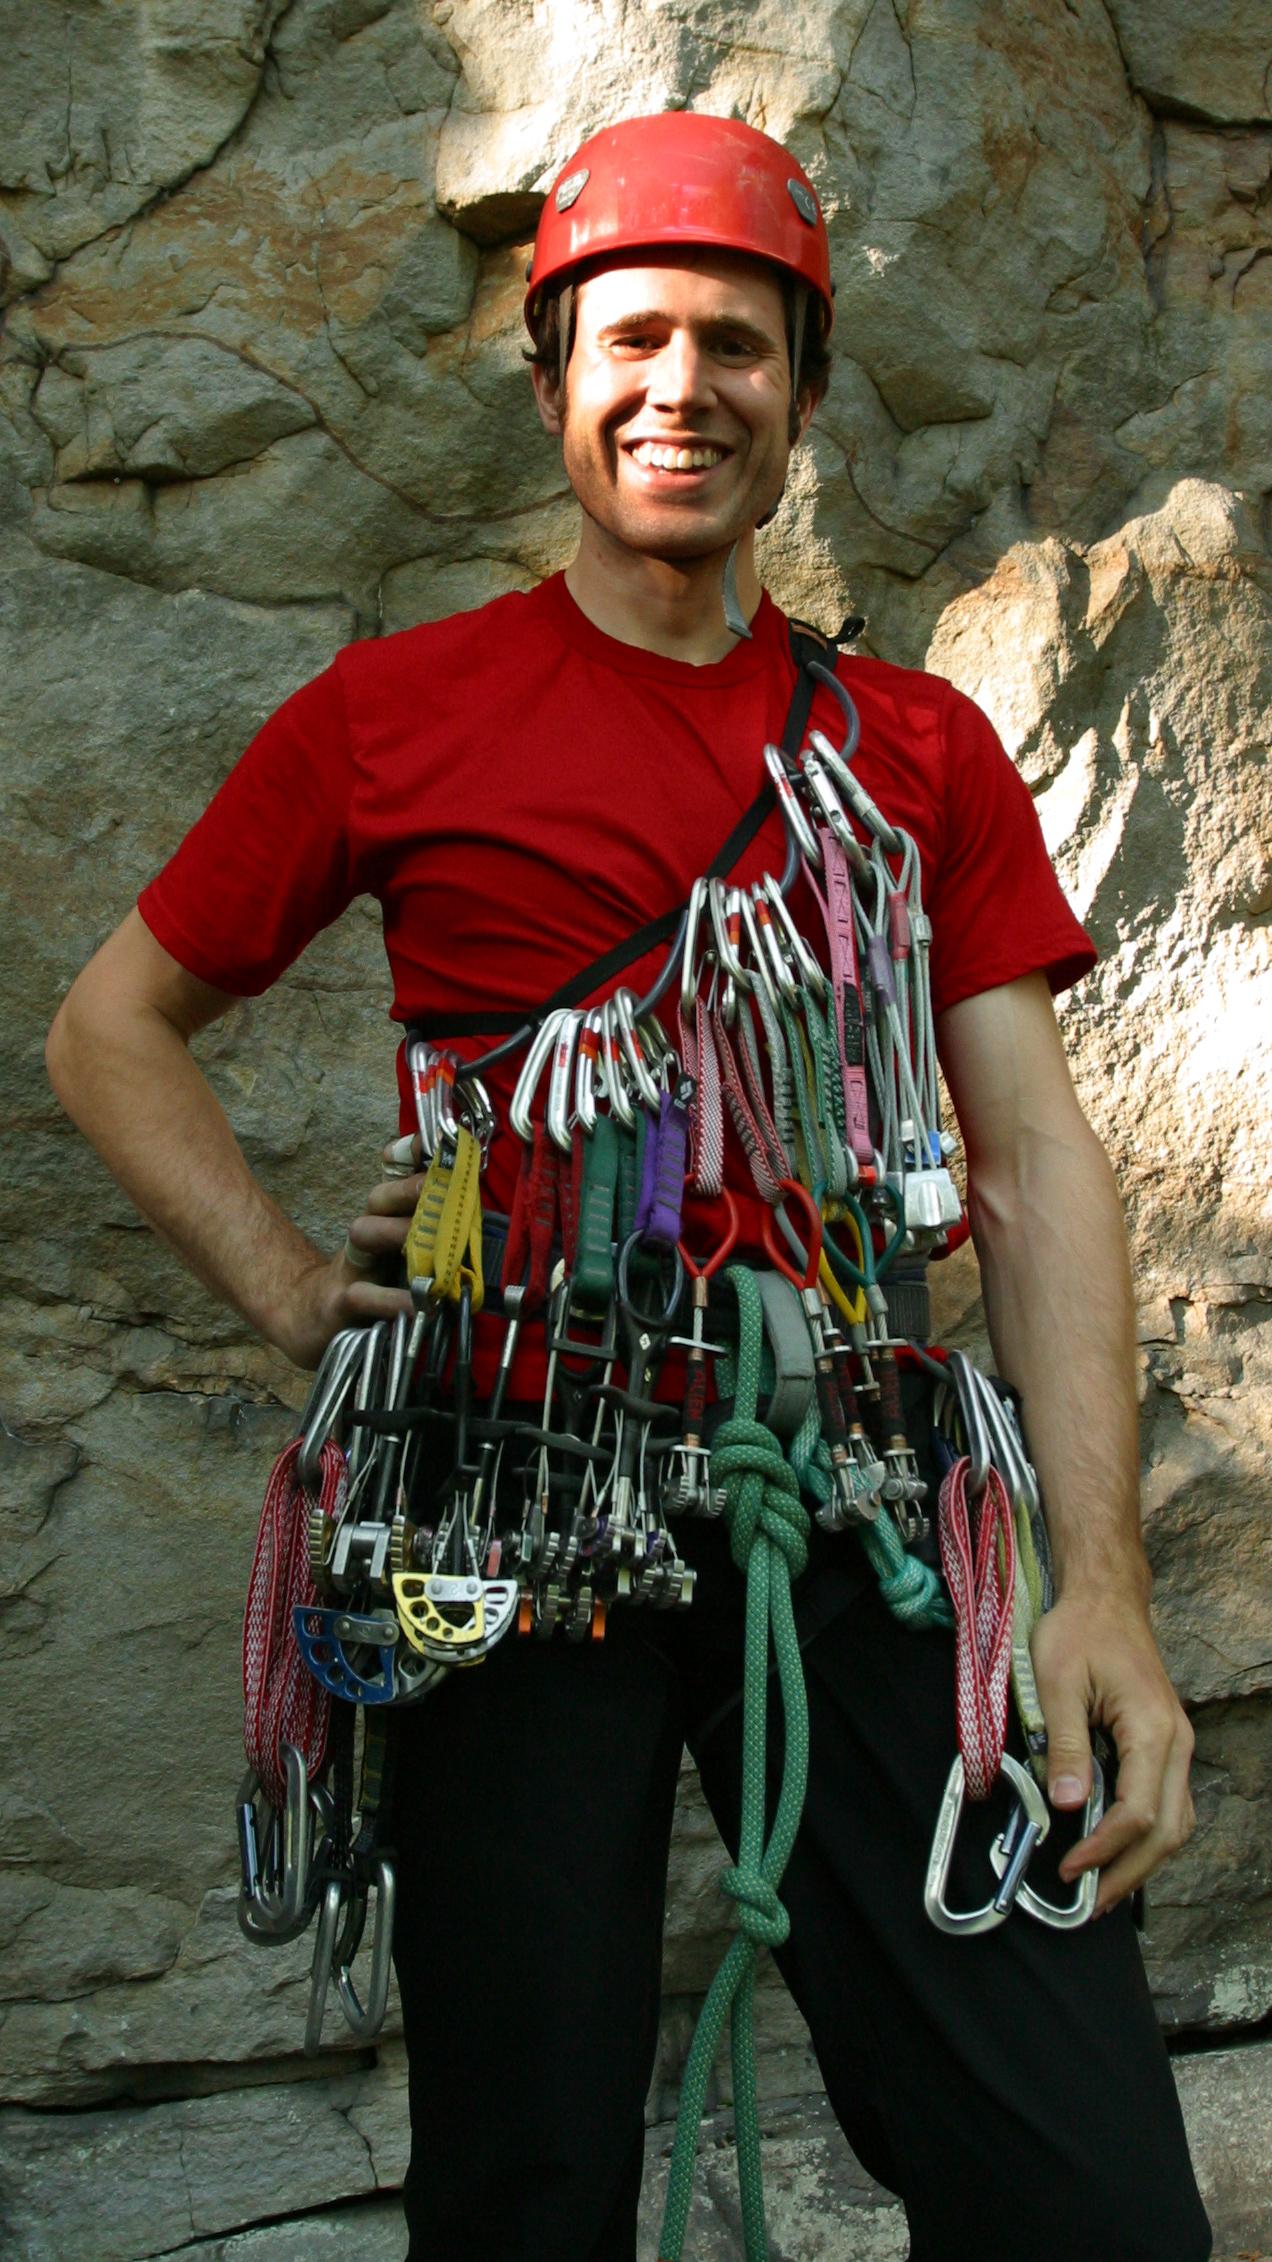 Rock Climbing Equipment Wikipedia